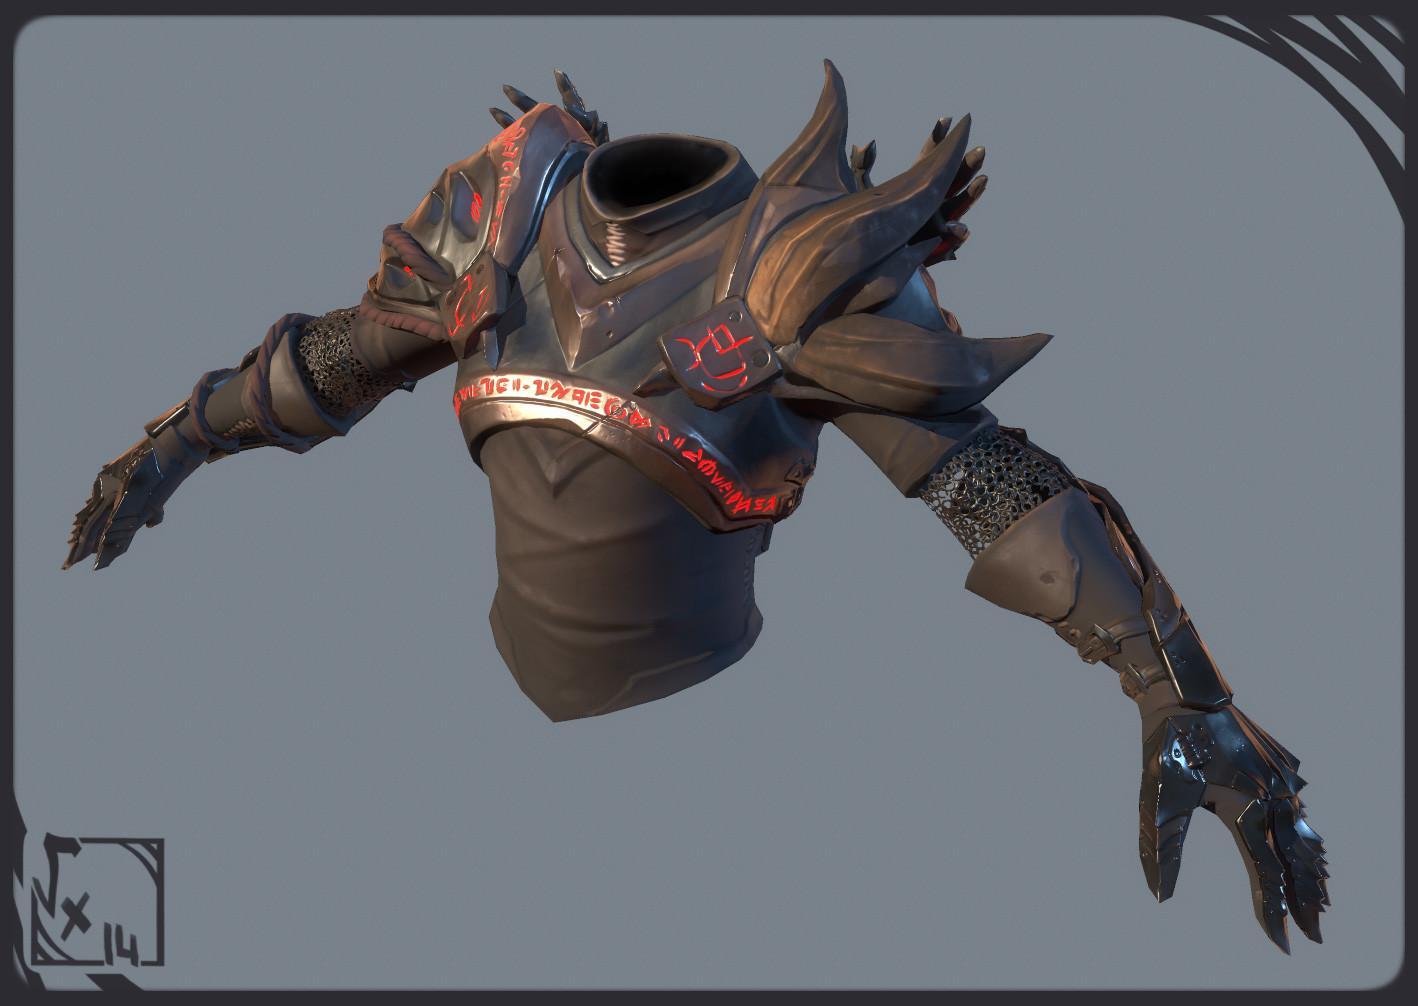 etienne-beschet-prp-armor-01.jpg